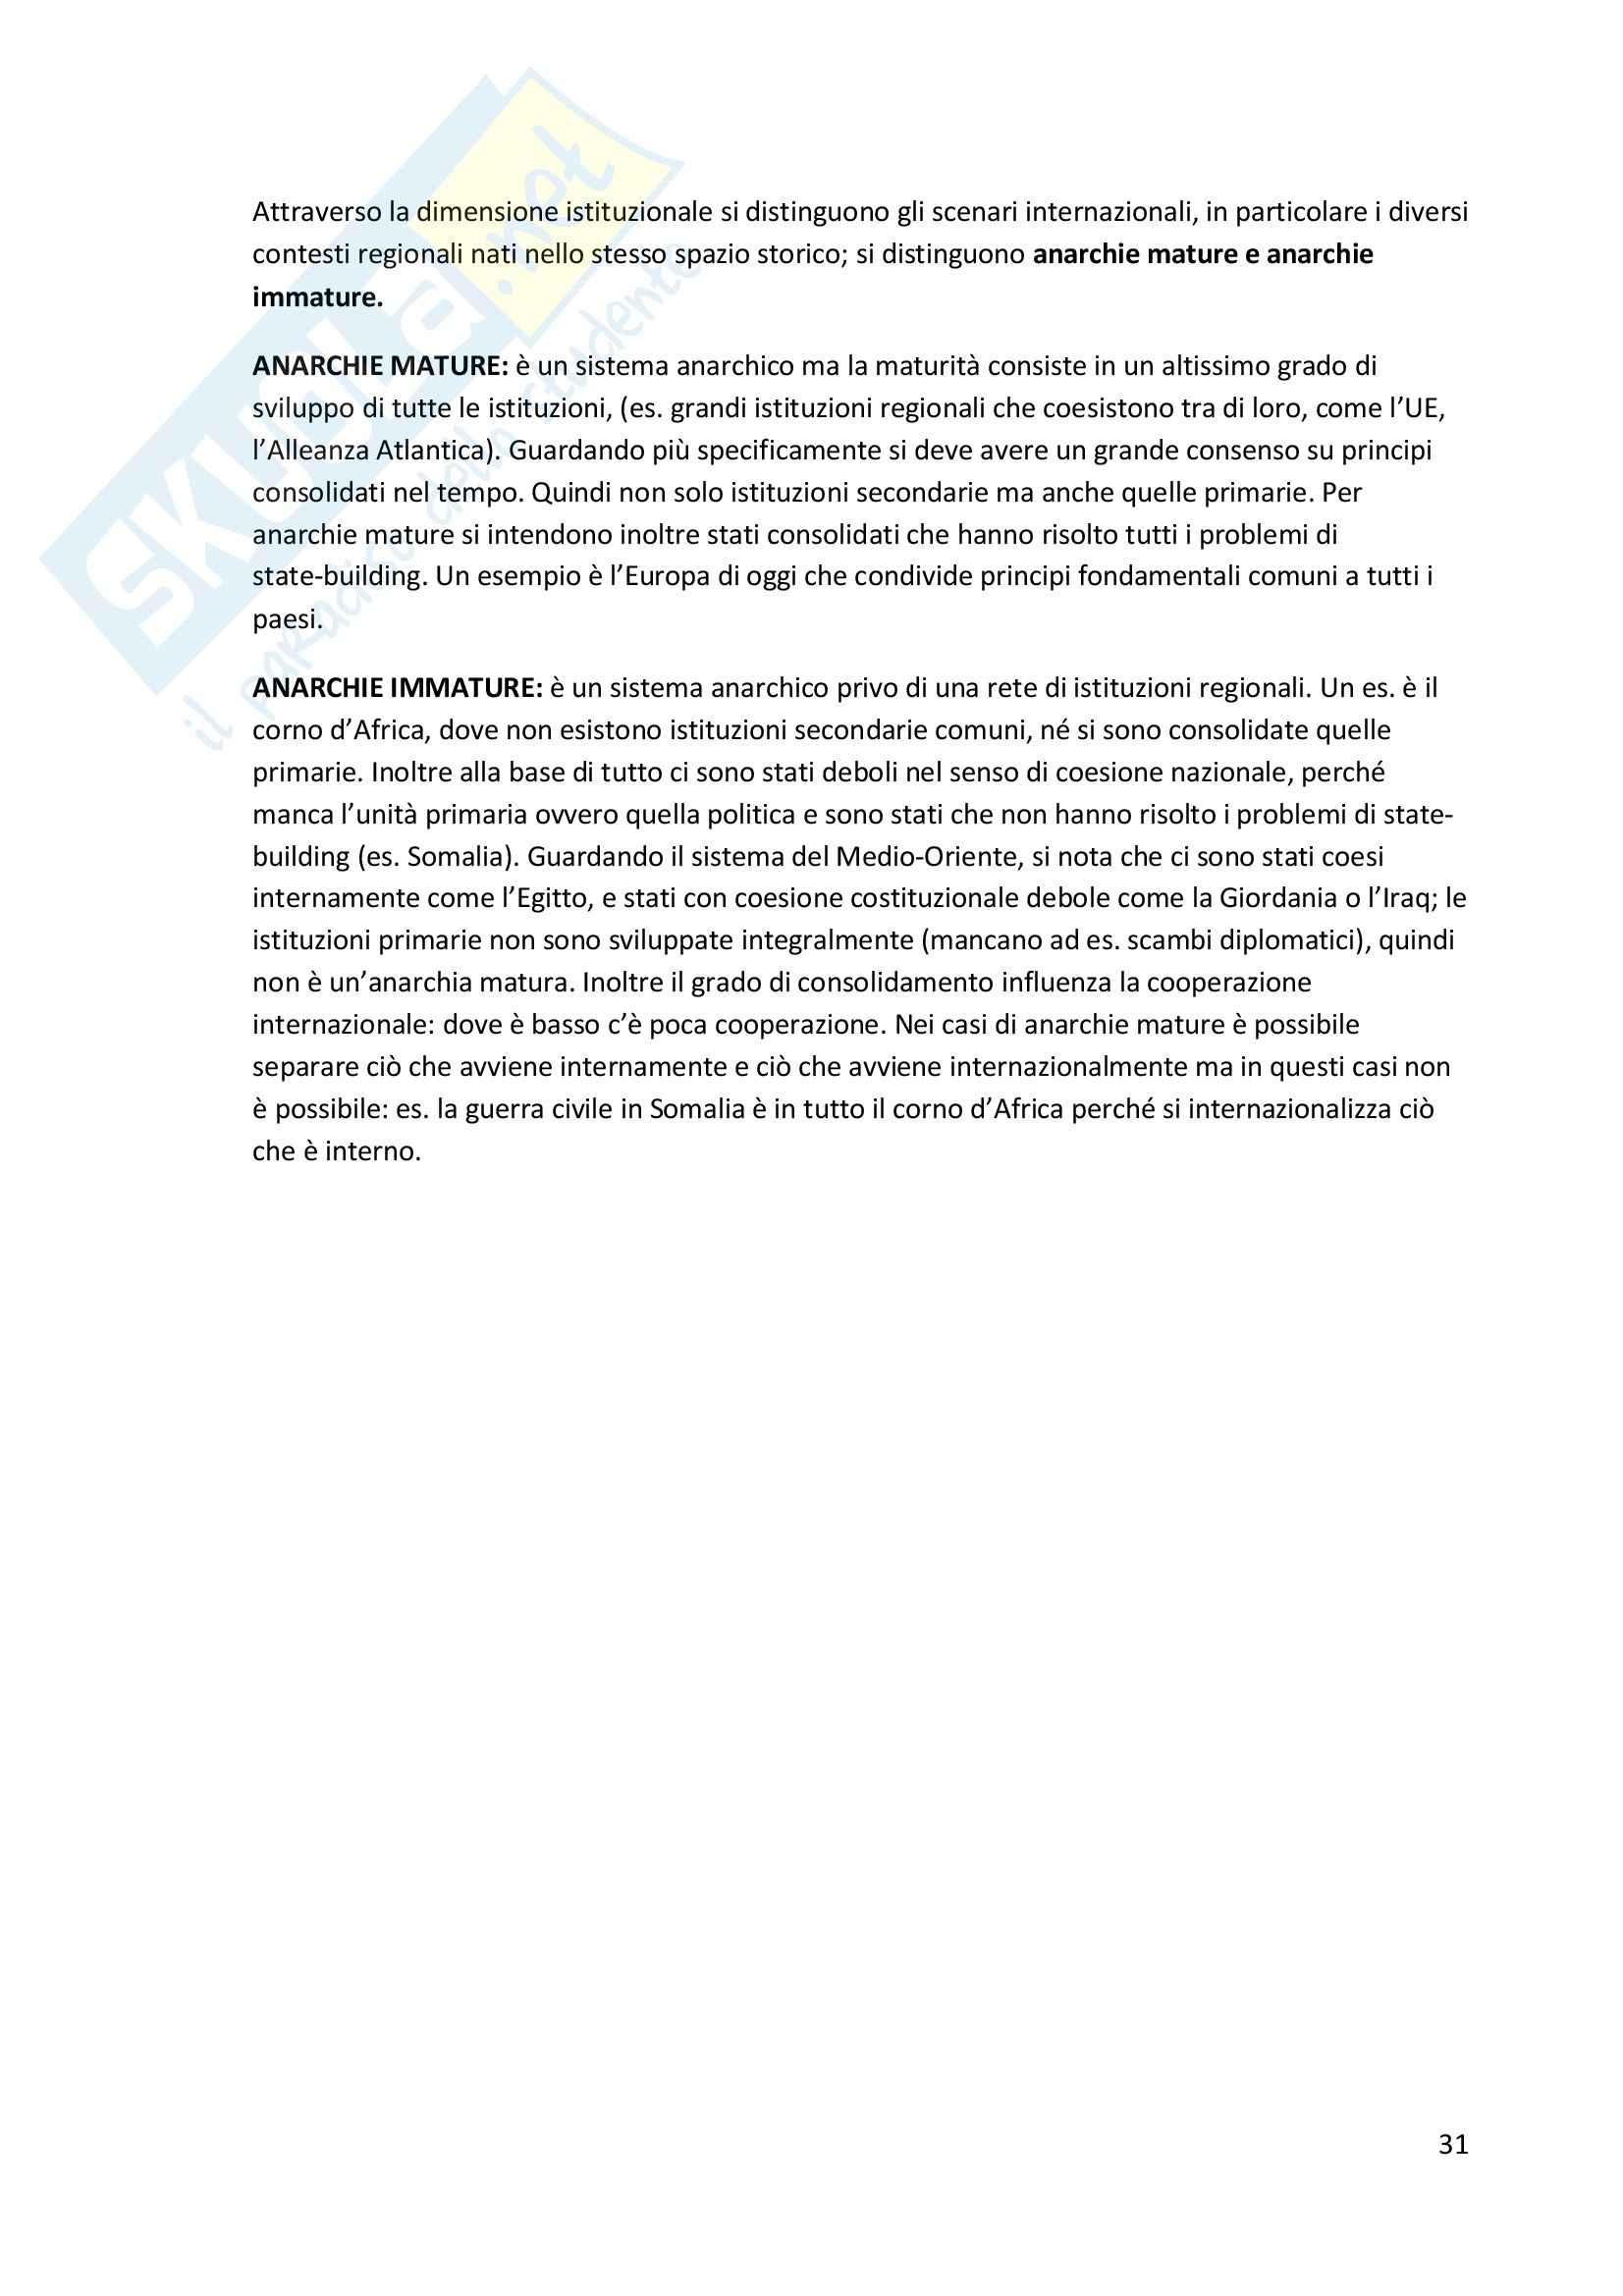 Storia delle relazioni internazionali - Appunti Pag. 31